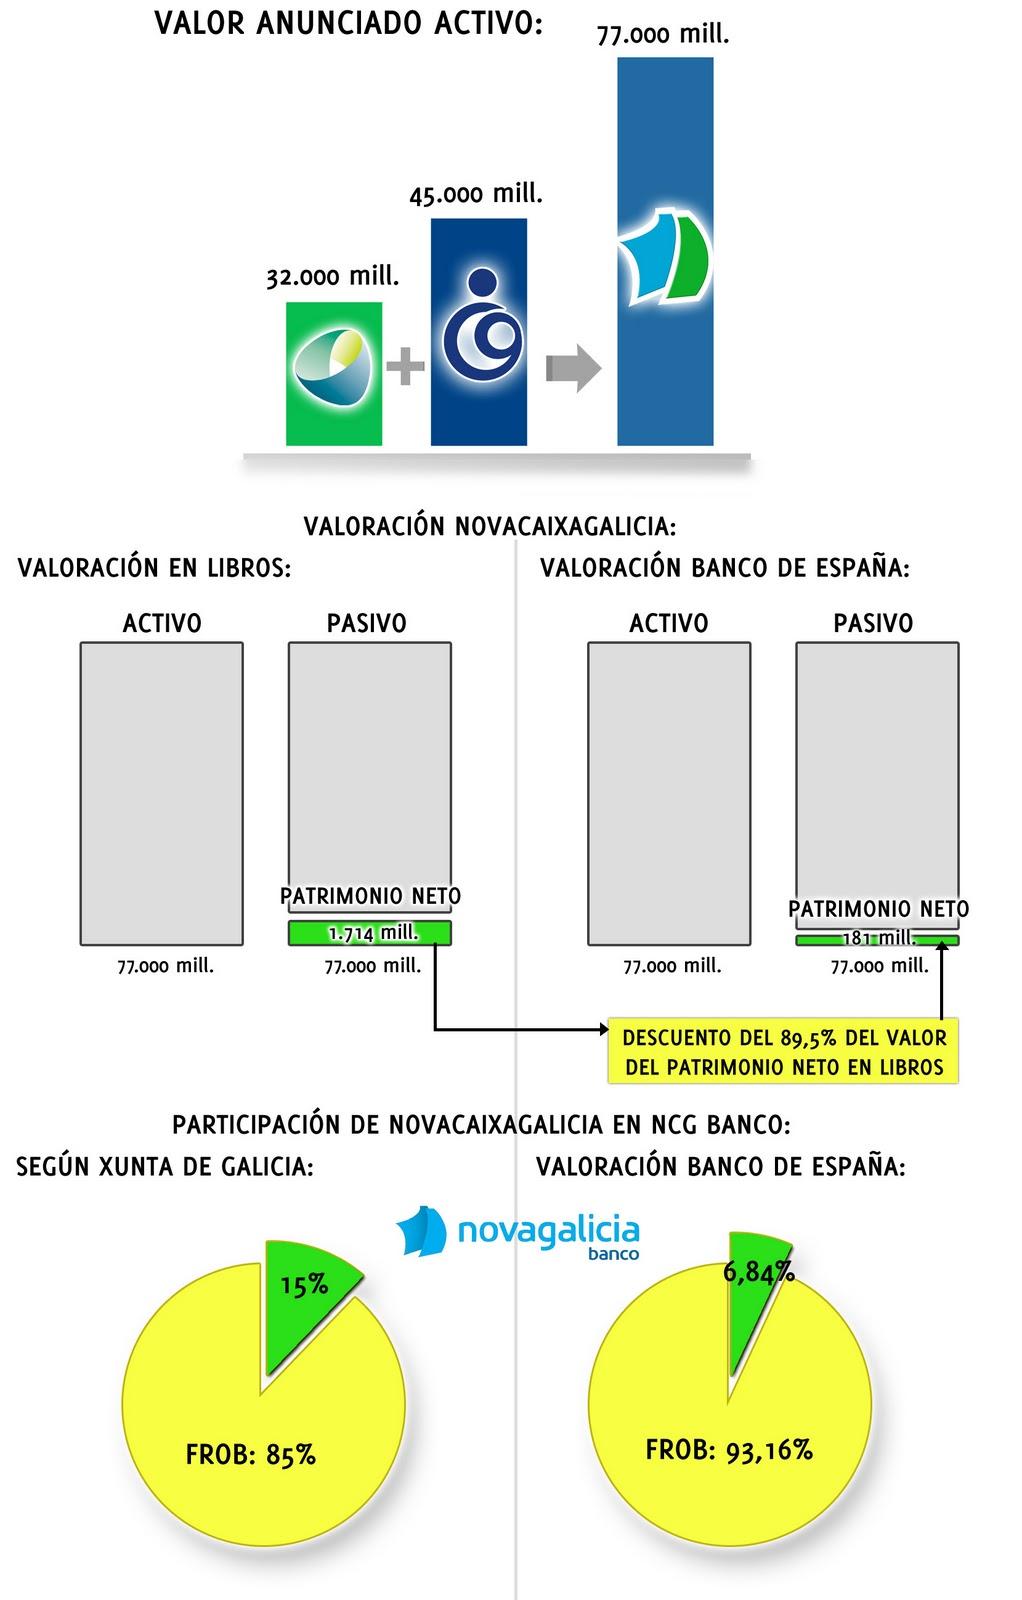 Empresas novagalicia banco la gran chapuza pol tica for Oficinas novacaixagalicia madrid